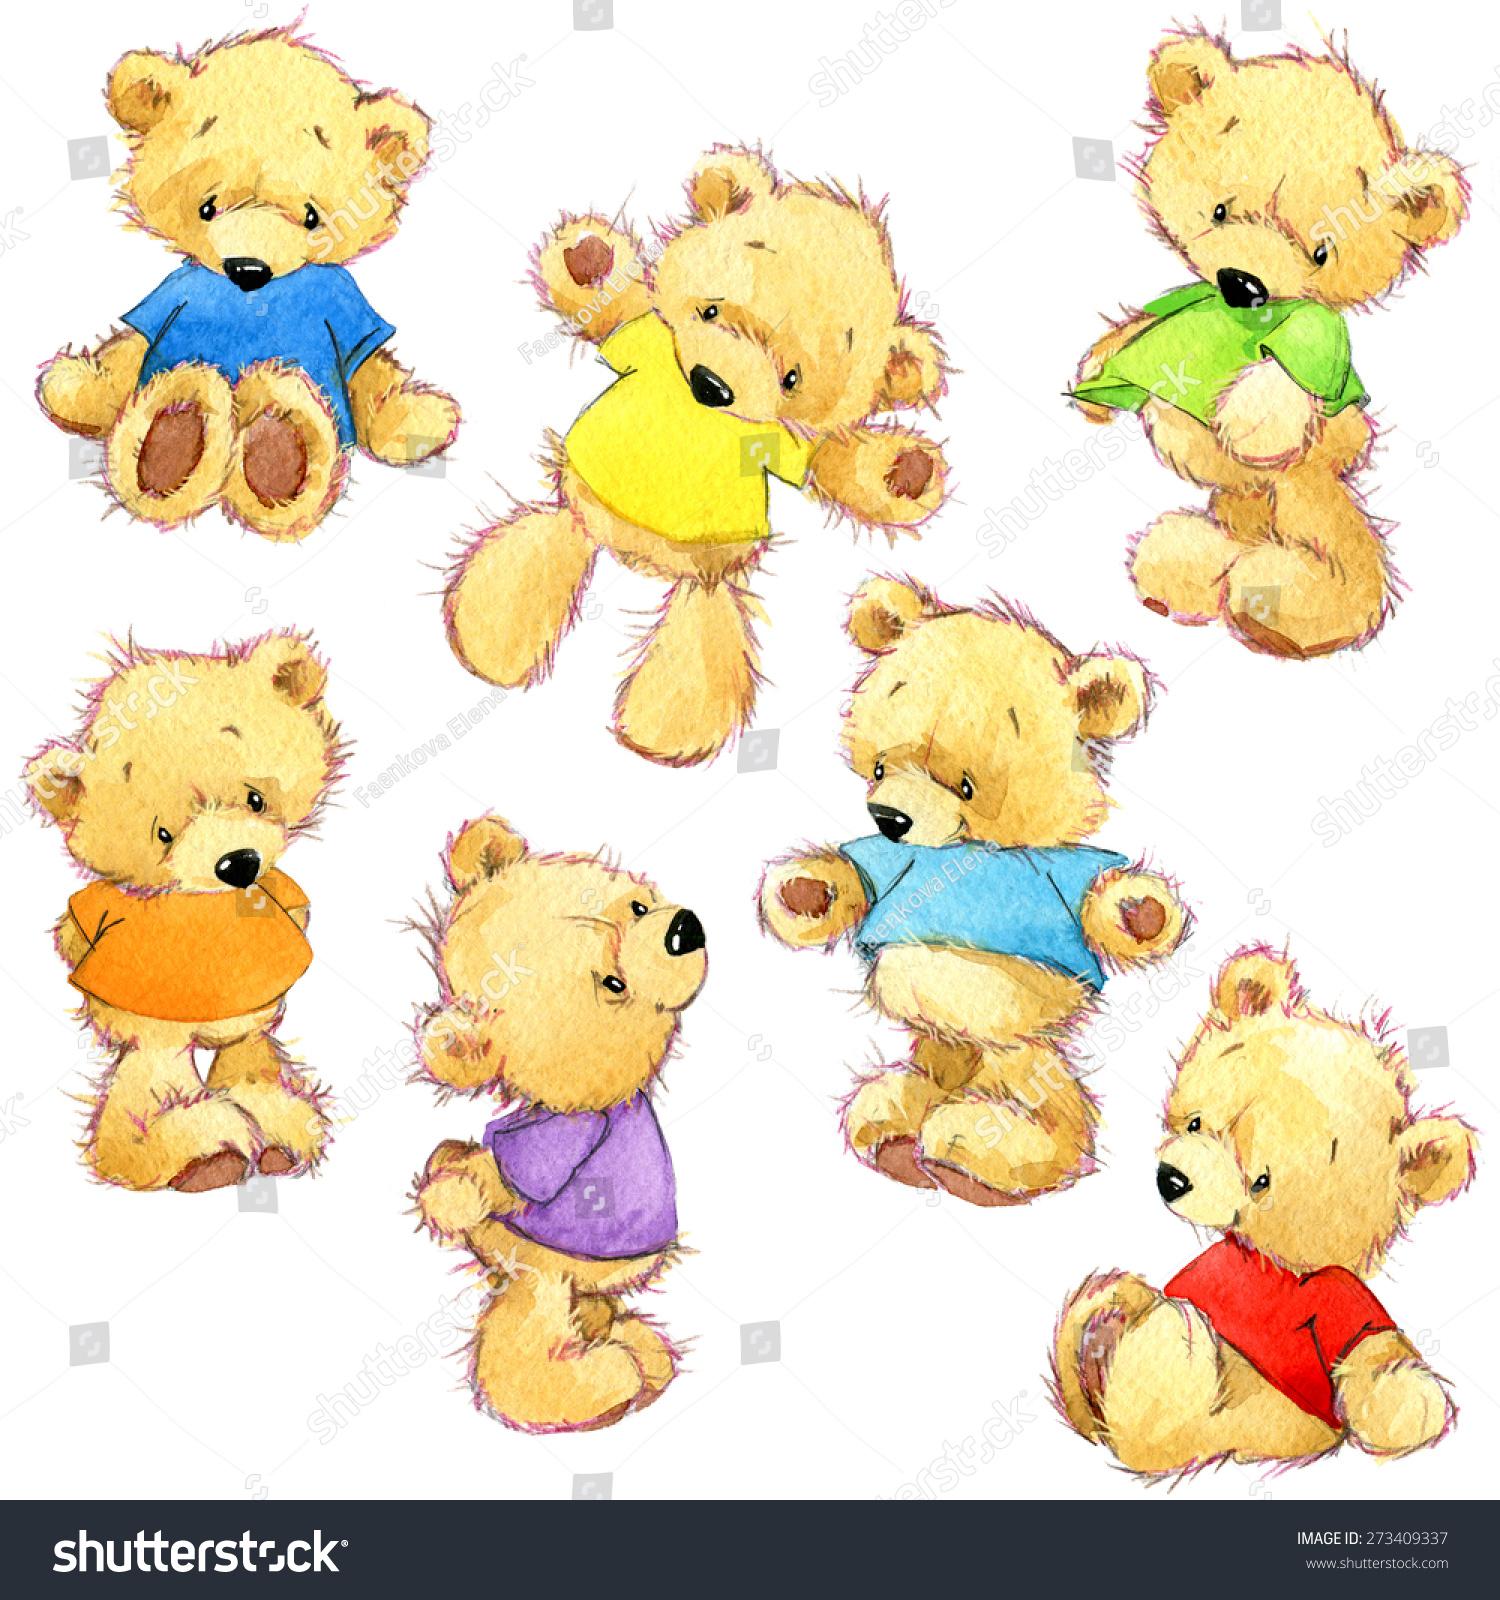 泰迪熊彩虹色集.儿童生日的水彩插图-动物/野生生物